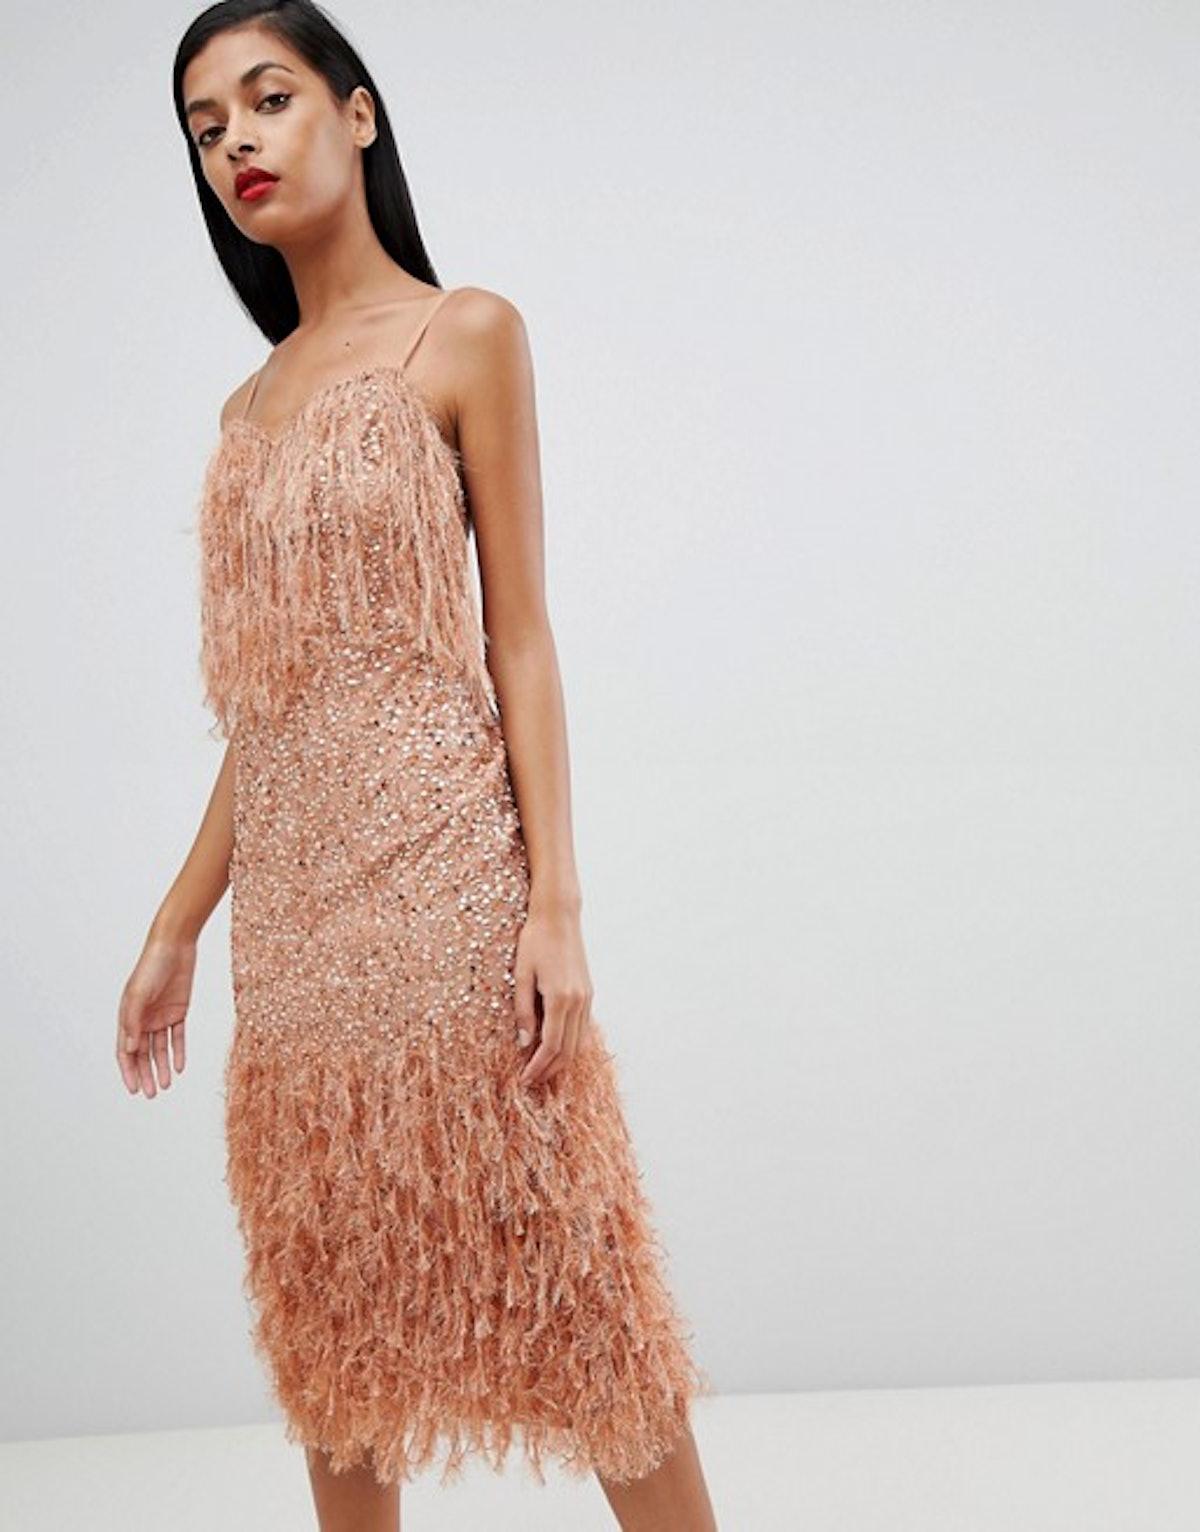 ASOS DESIGN Feather Trim Sequin Midi Dress